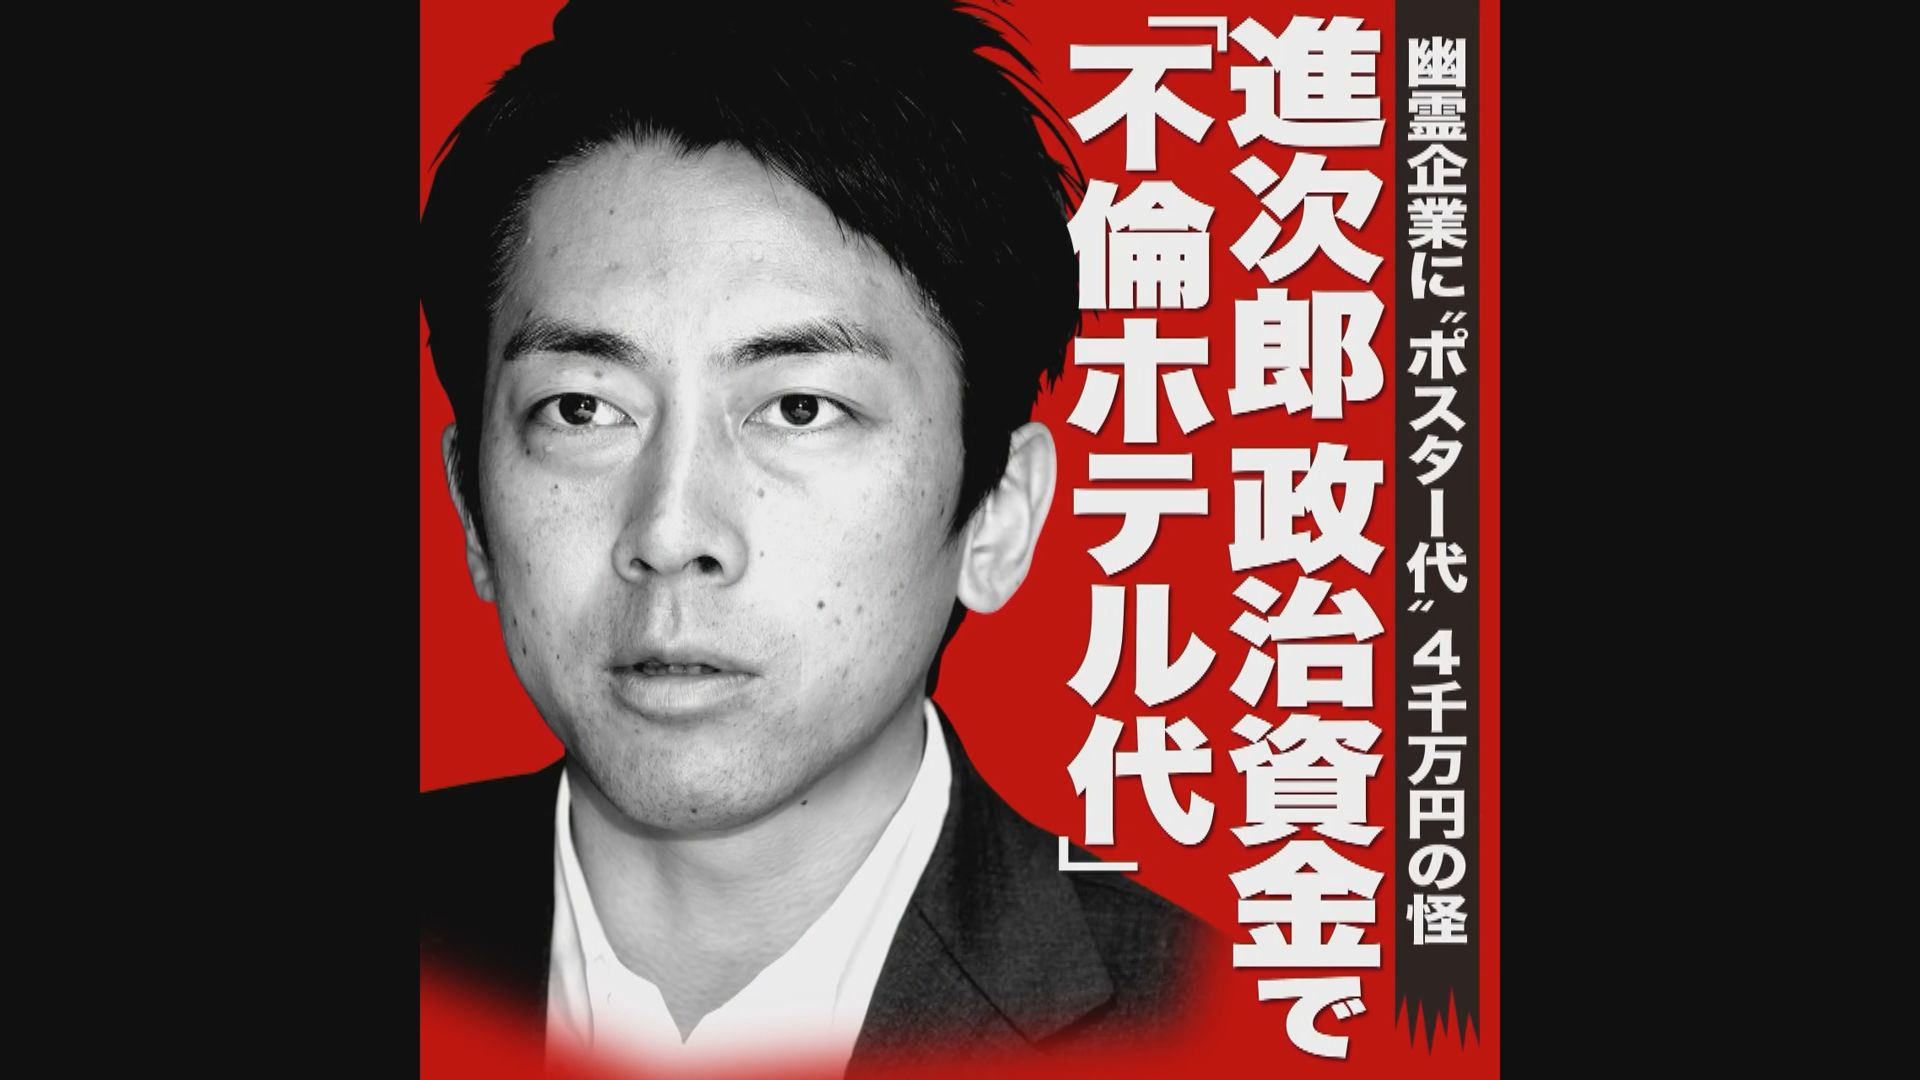 小泉進次郎被指不當運用政治資金